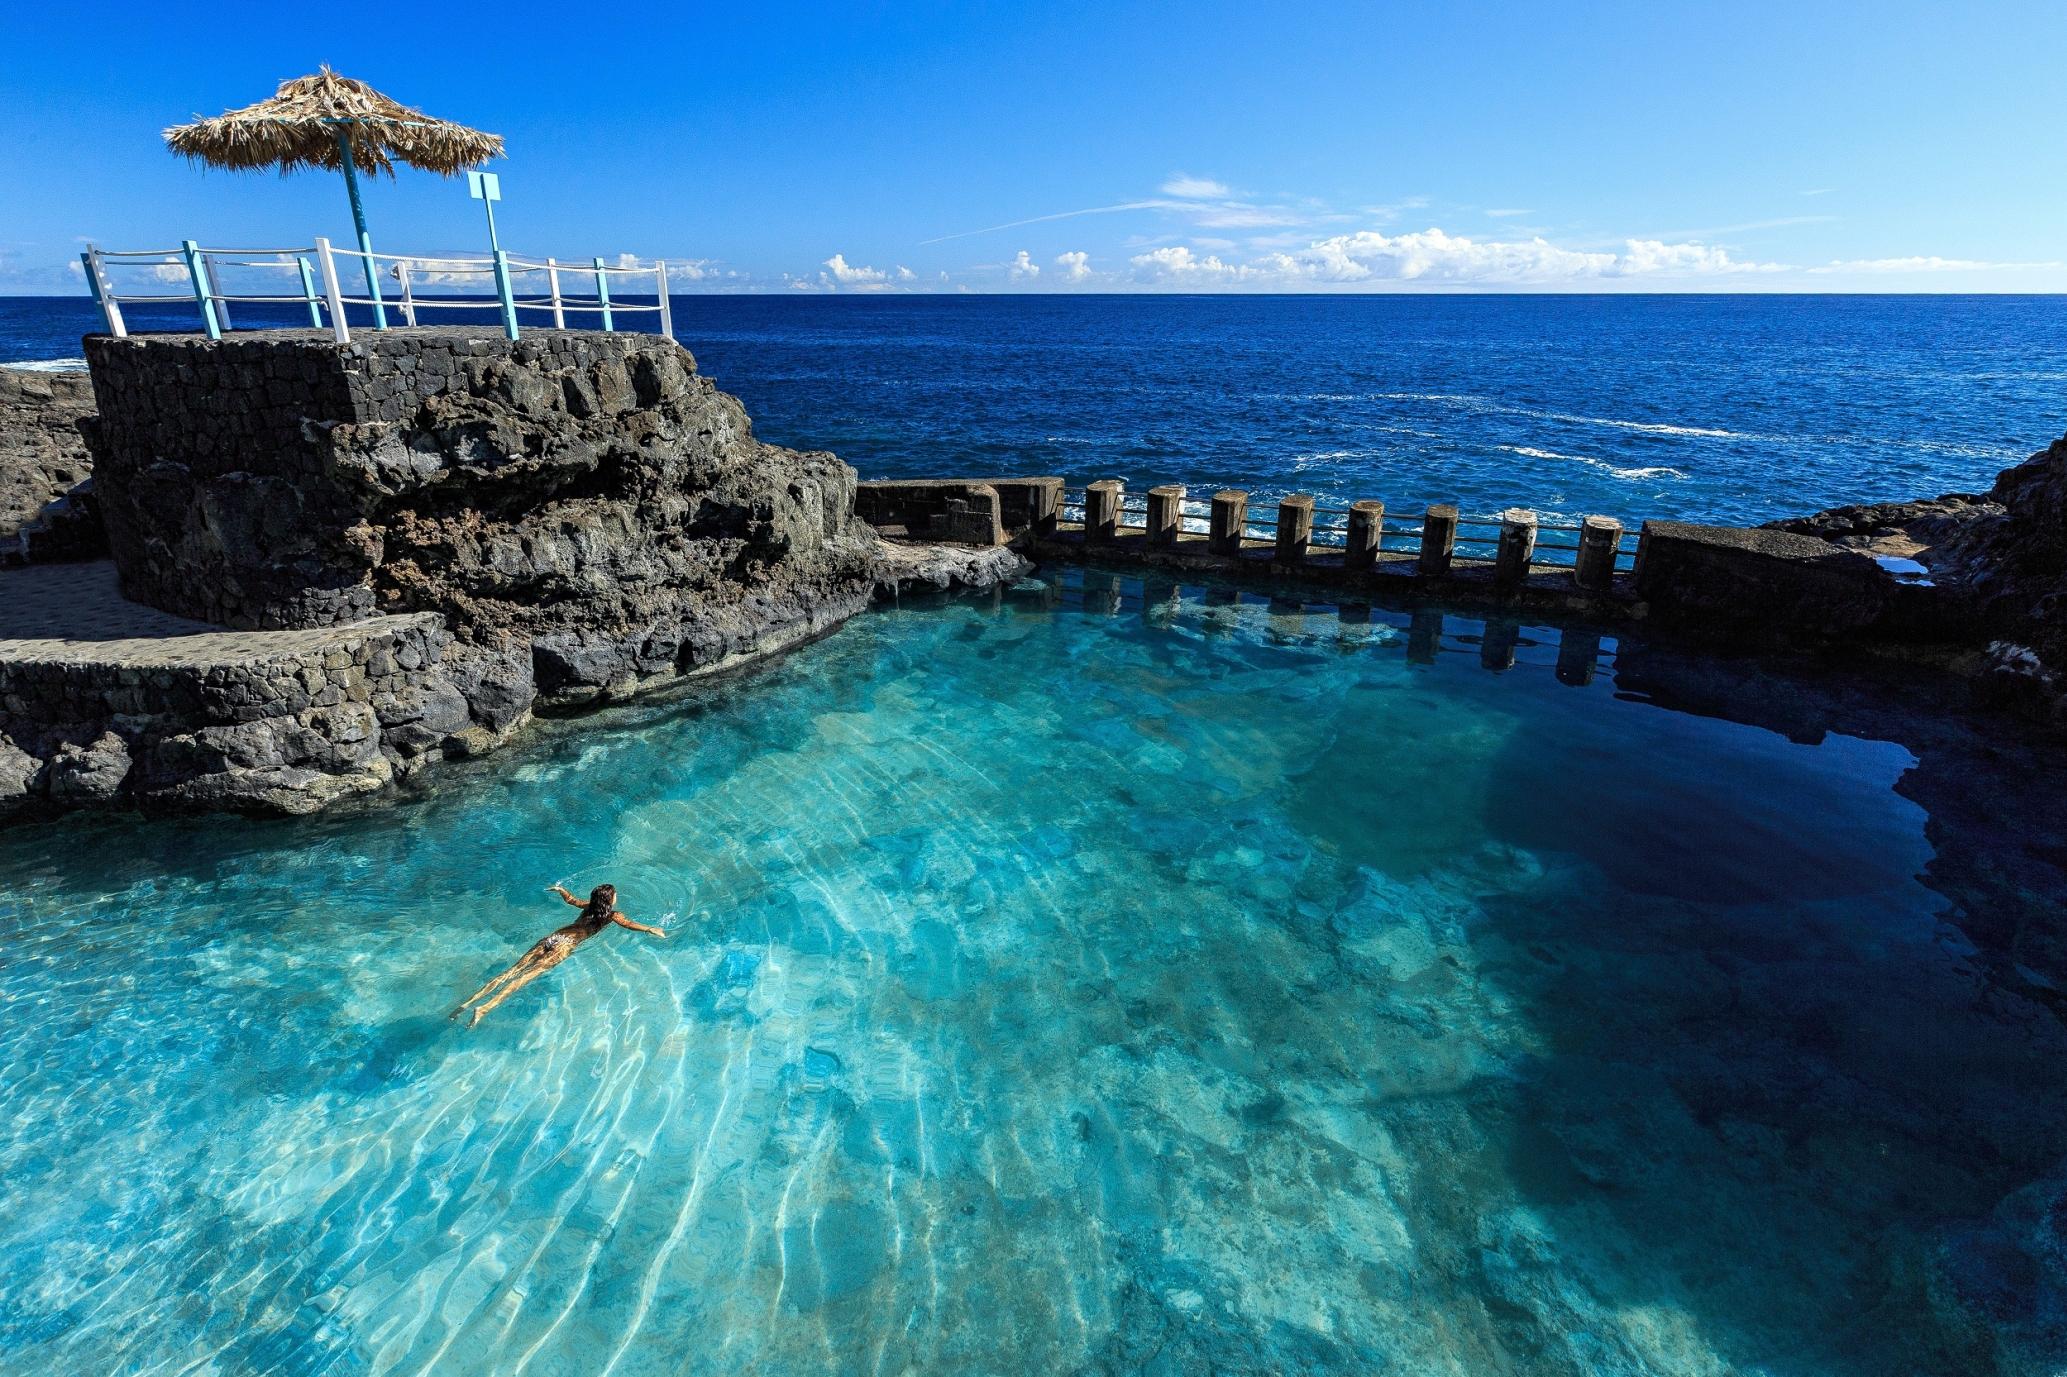 Badespaß im Felsenpool auf LaPalma © Van Marty